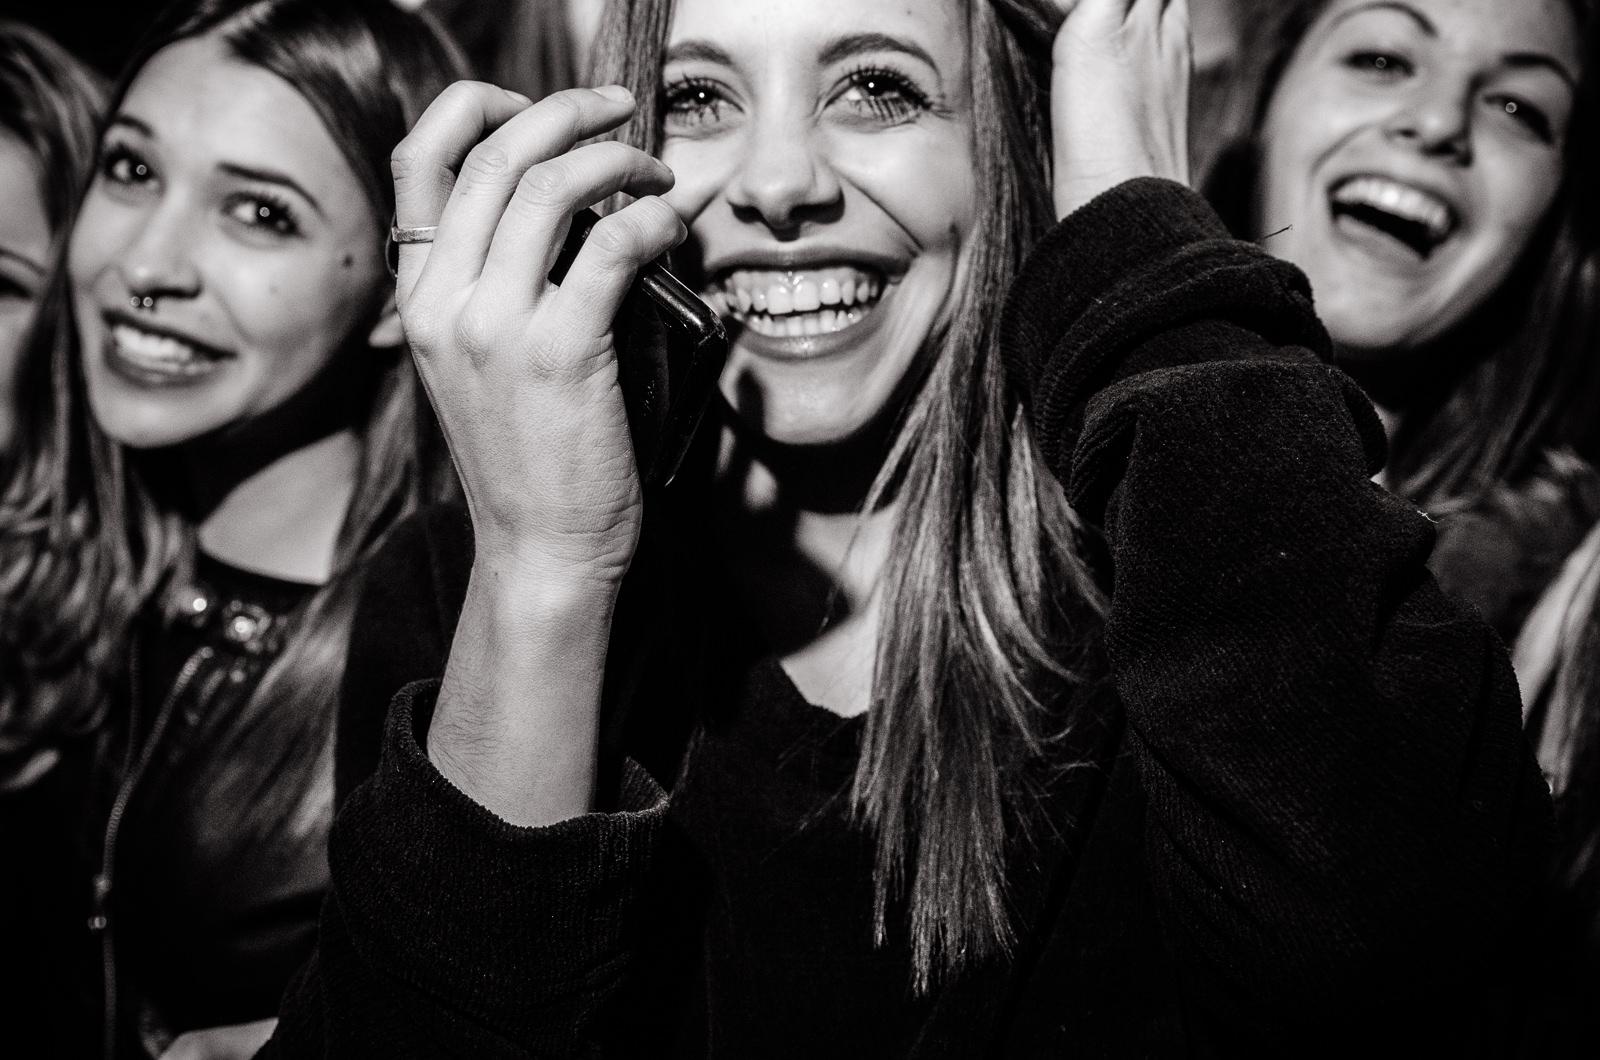 Eventi-Treviso-fotografo-dj-sorrisi-ritratto